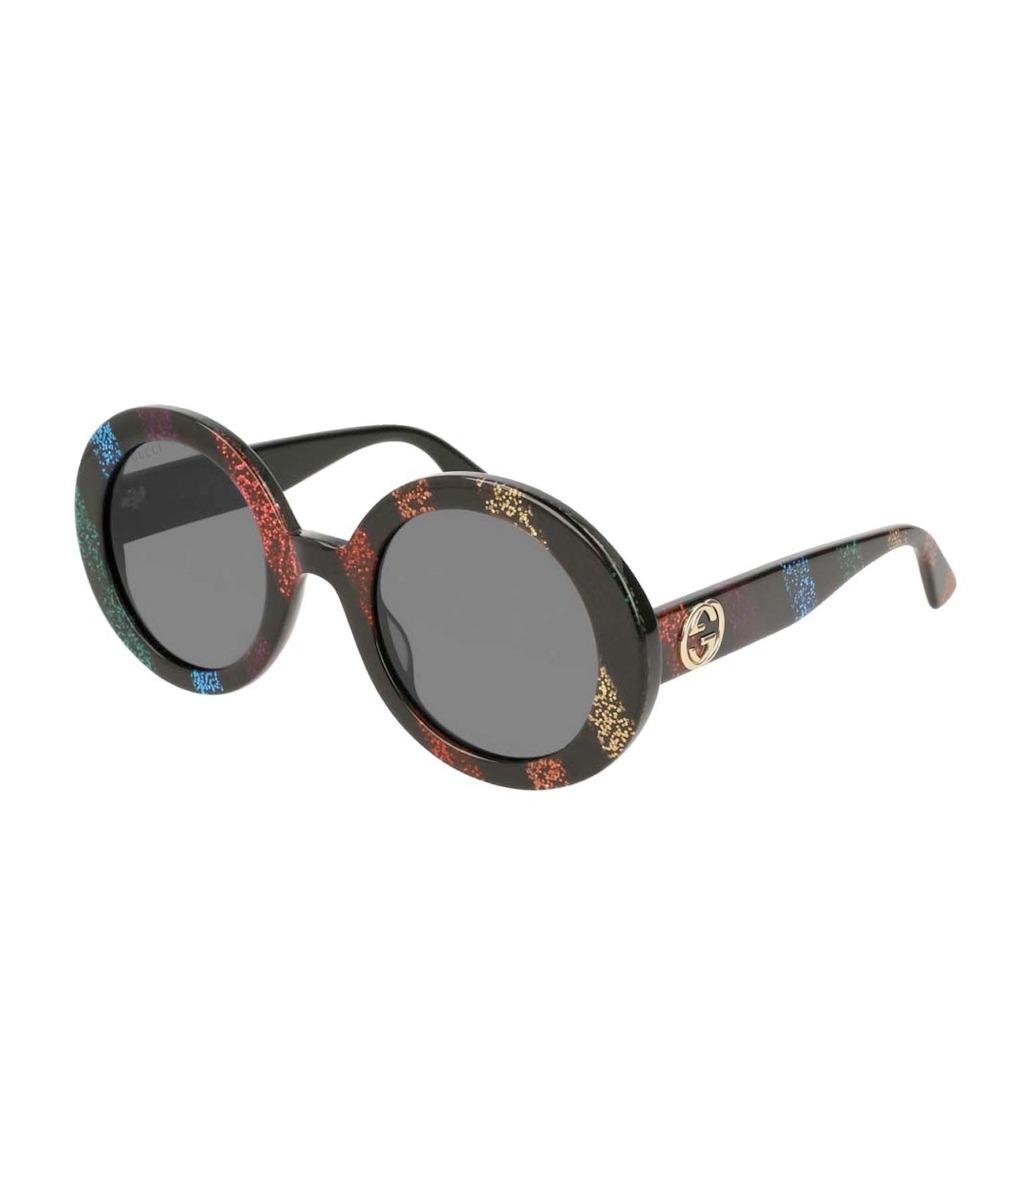 b2d5704ba2 Gafas Gucci Gg0319s 003 Redondas Nueva Coleccion - $ 1.300.000 en ...